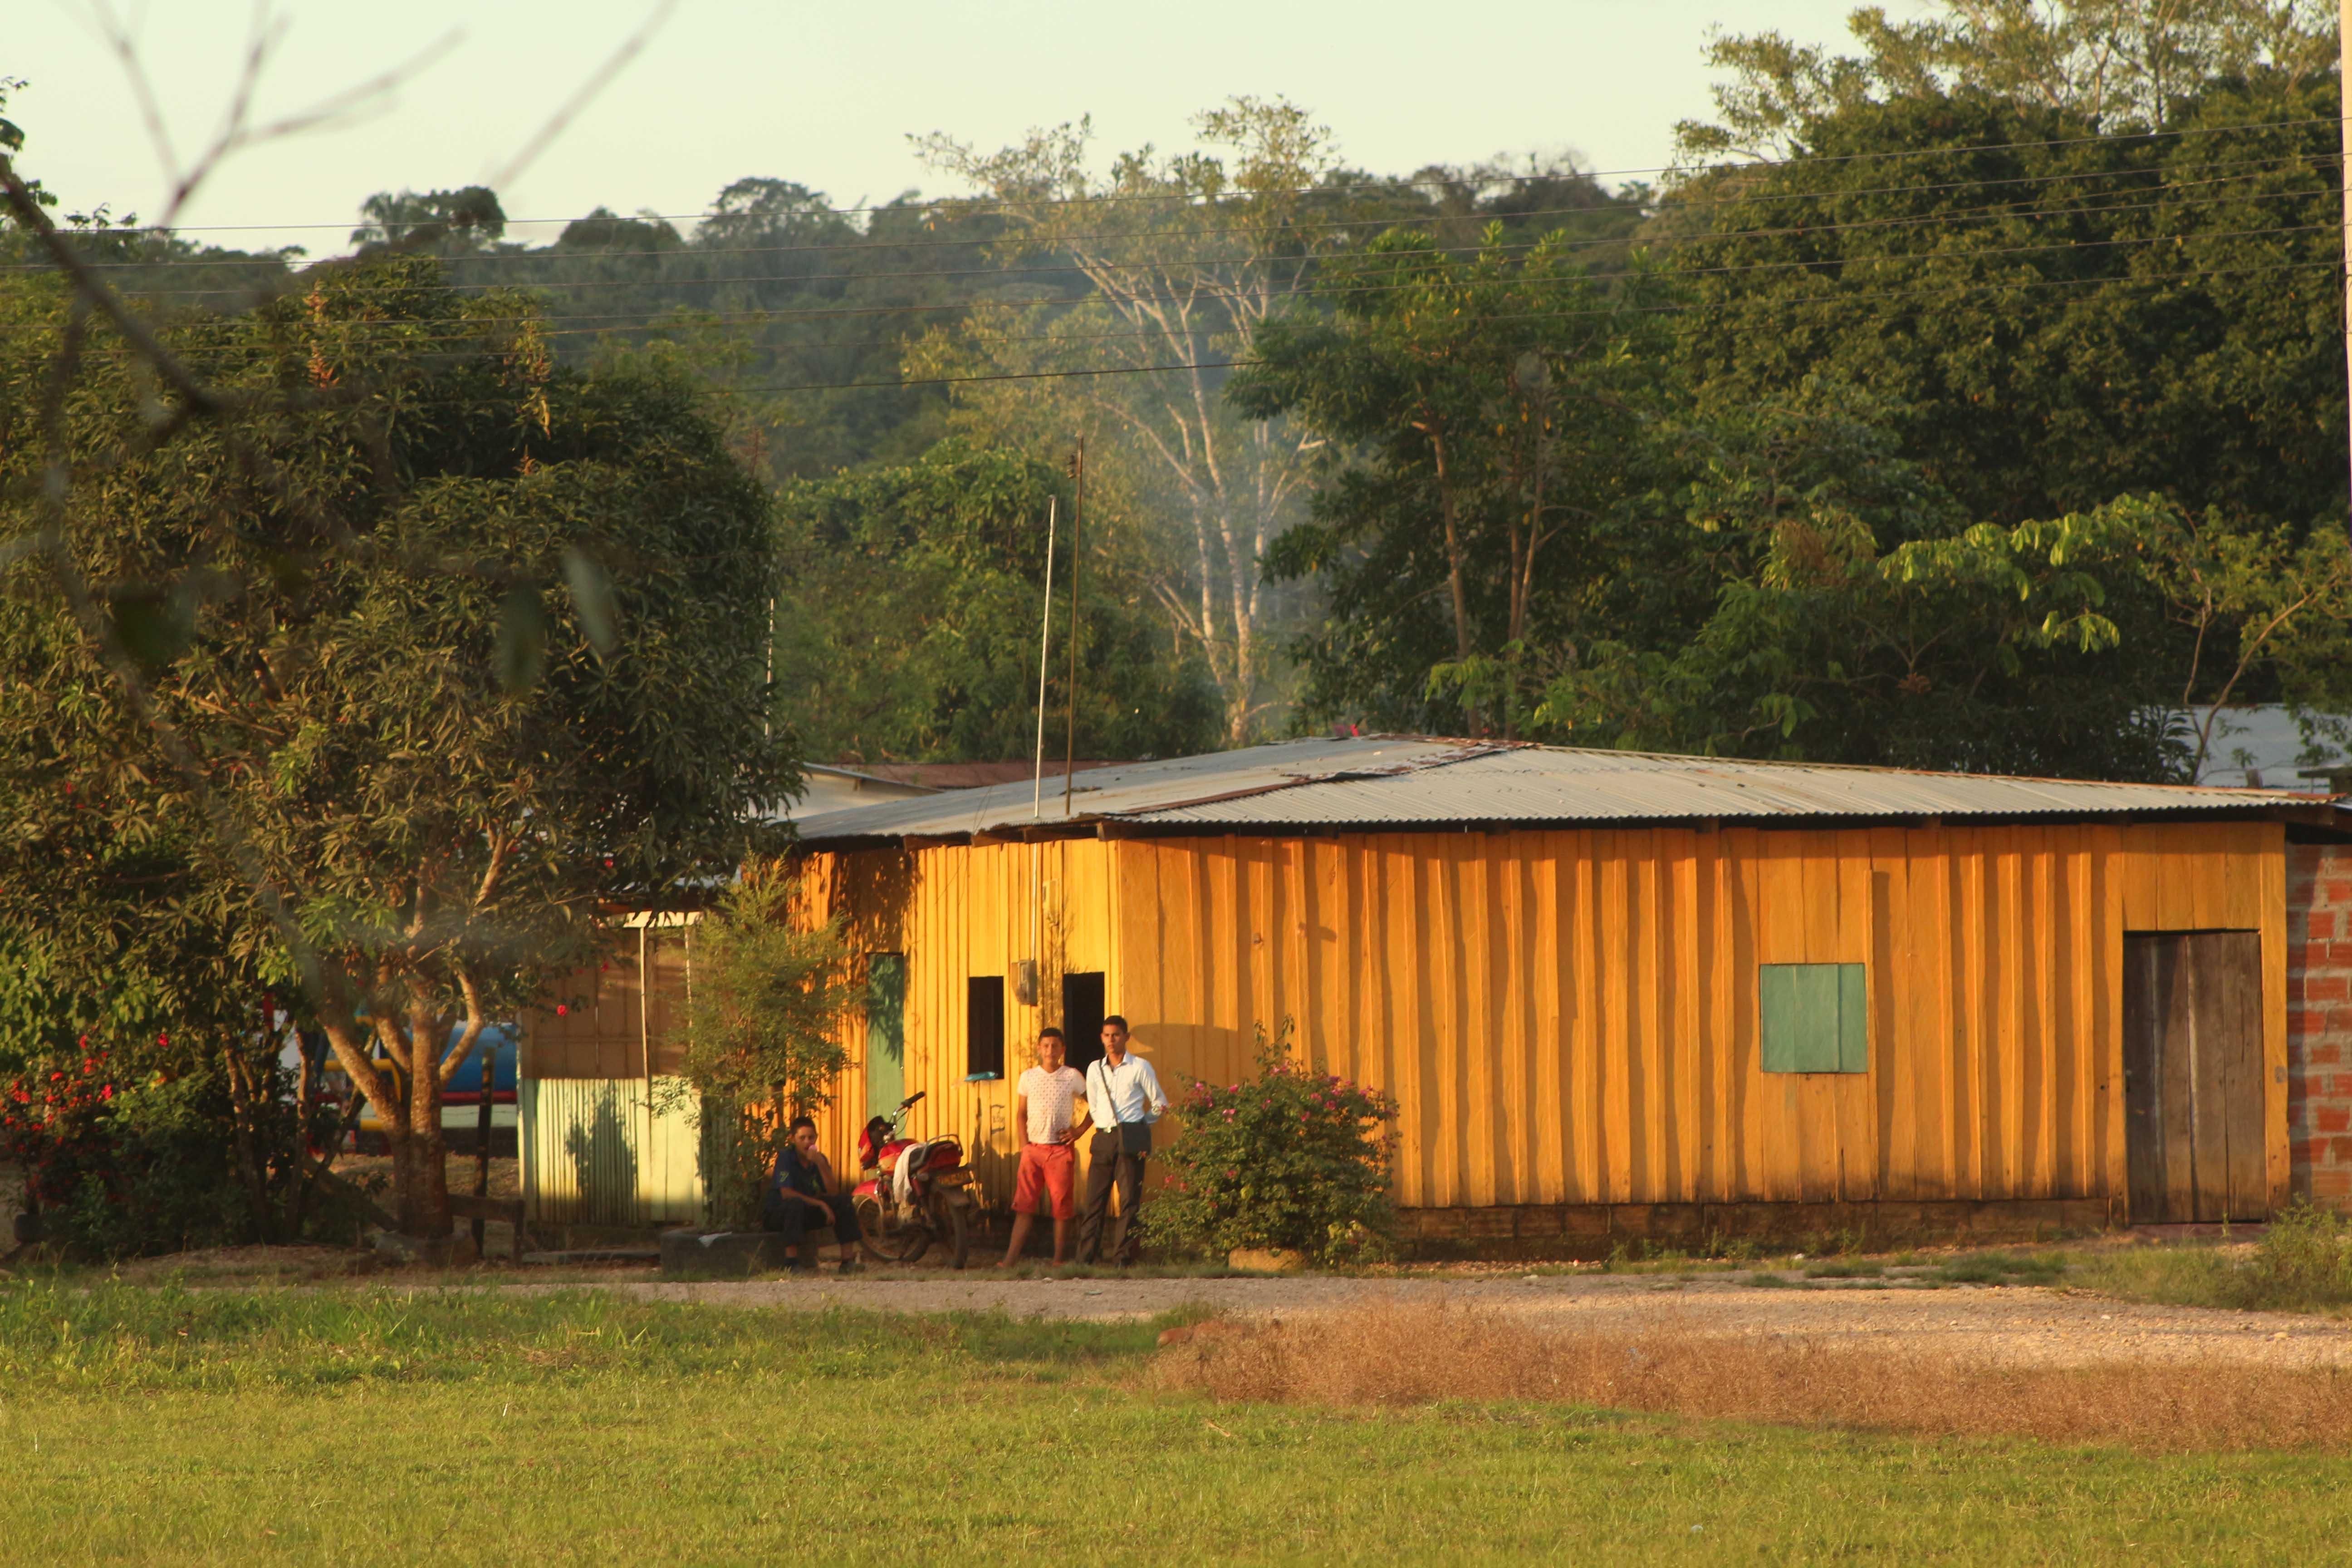 Una Zona de Reserva Campesina se abre paso en territorios históricos de guerra (y de paz)